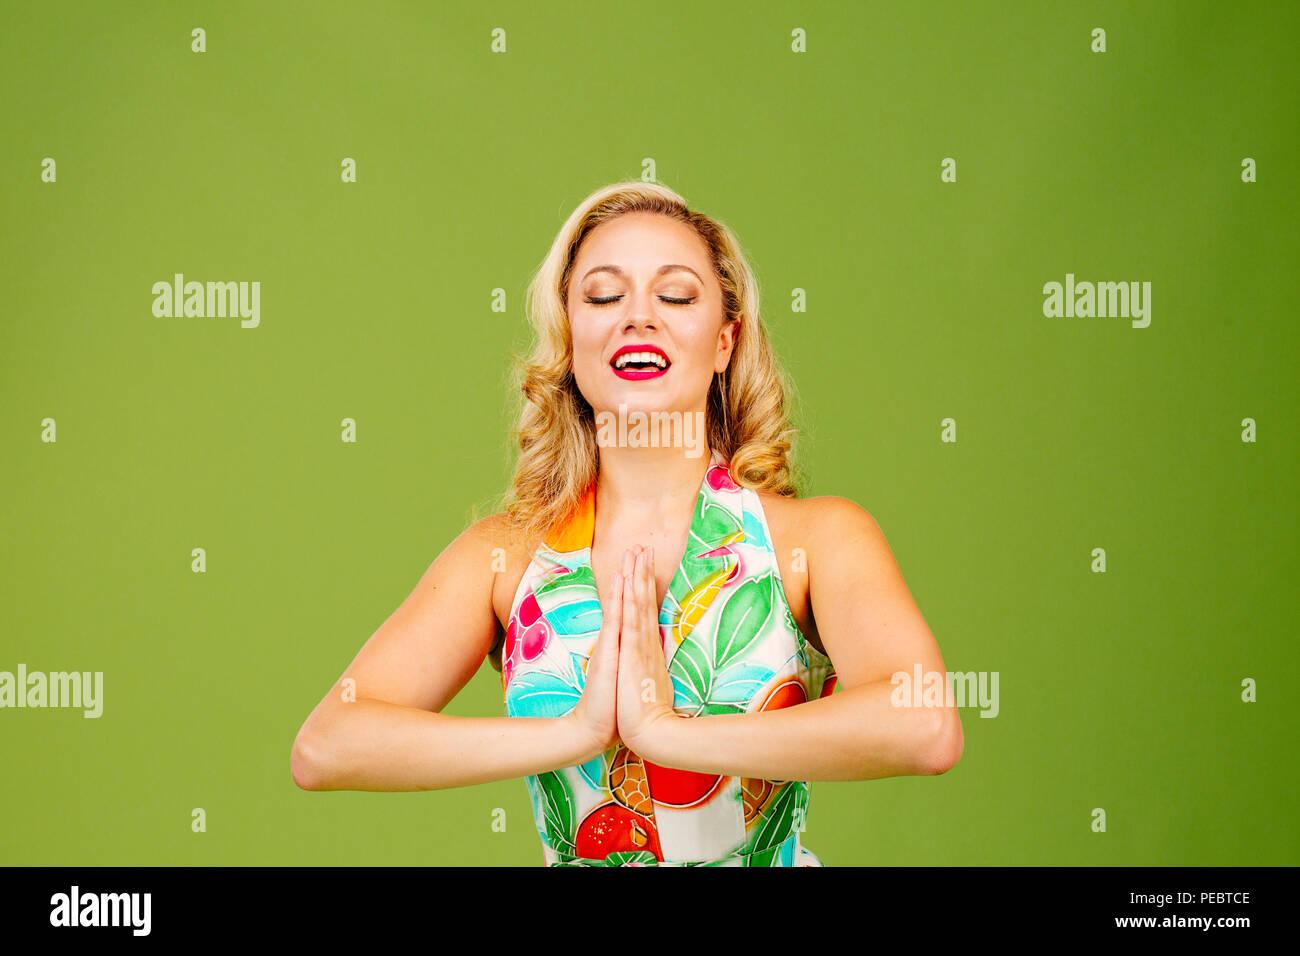 Hermosa mujer con las manos juntas en oración y la boca abierta, aislado sobre fondo verde studio Imagen De Stock